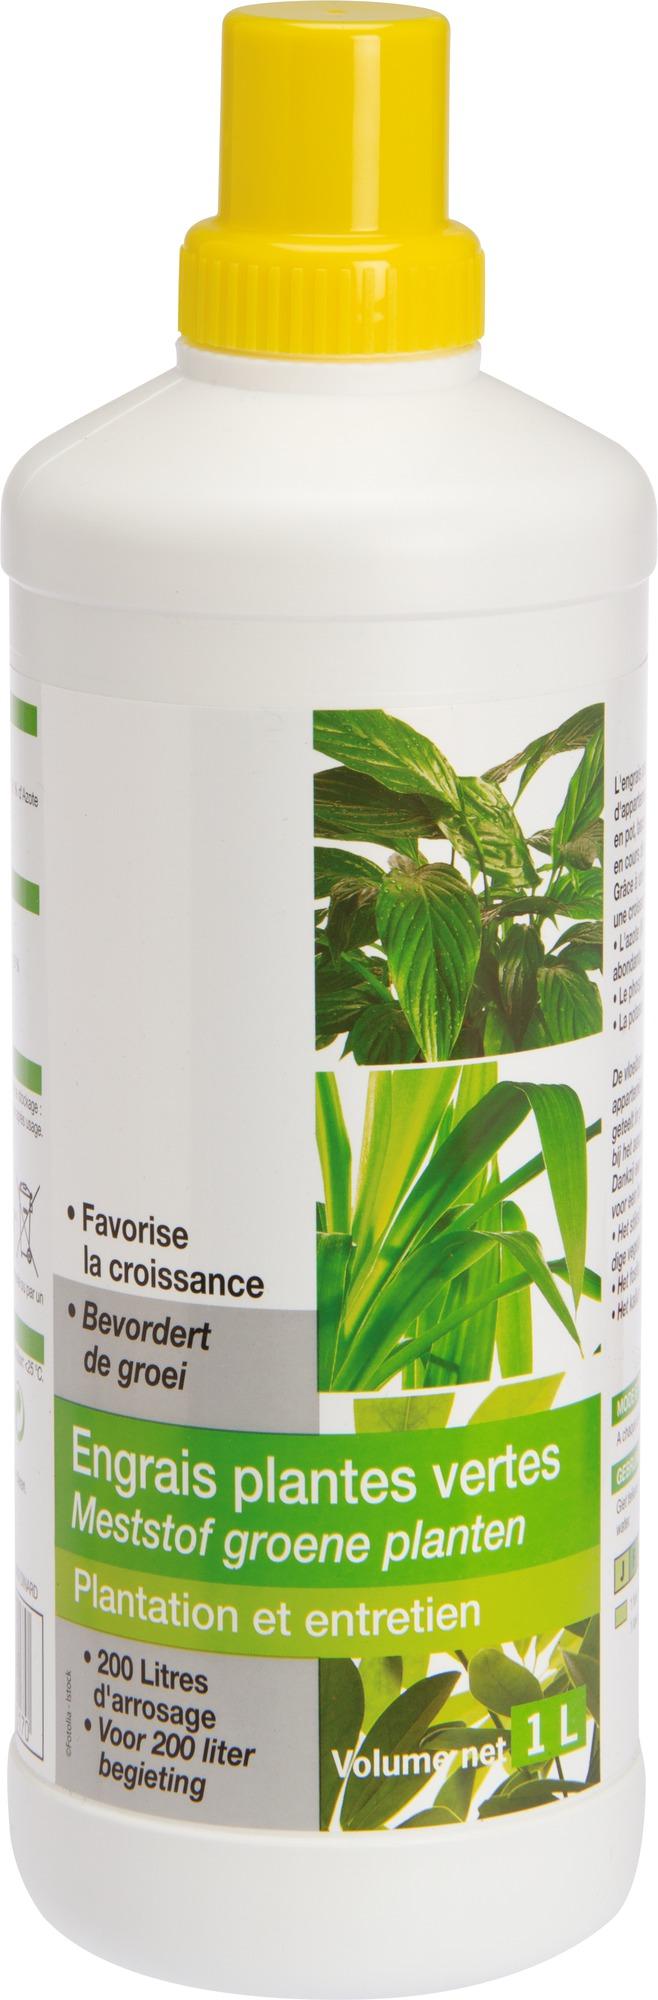 Engrais plantes vertes liquide Florendi - Bouteille 1 L